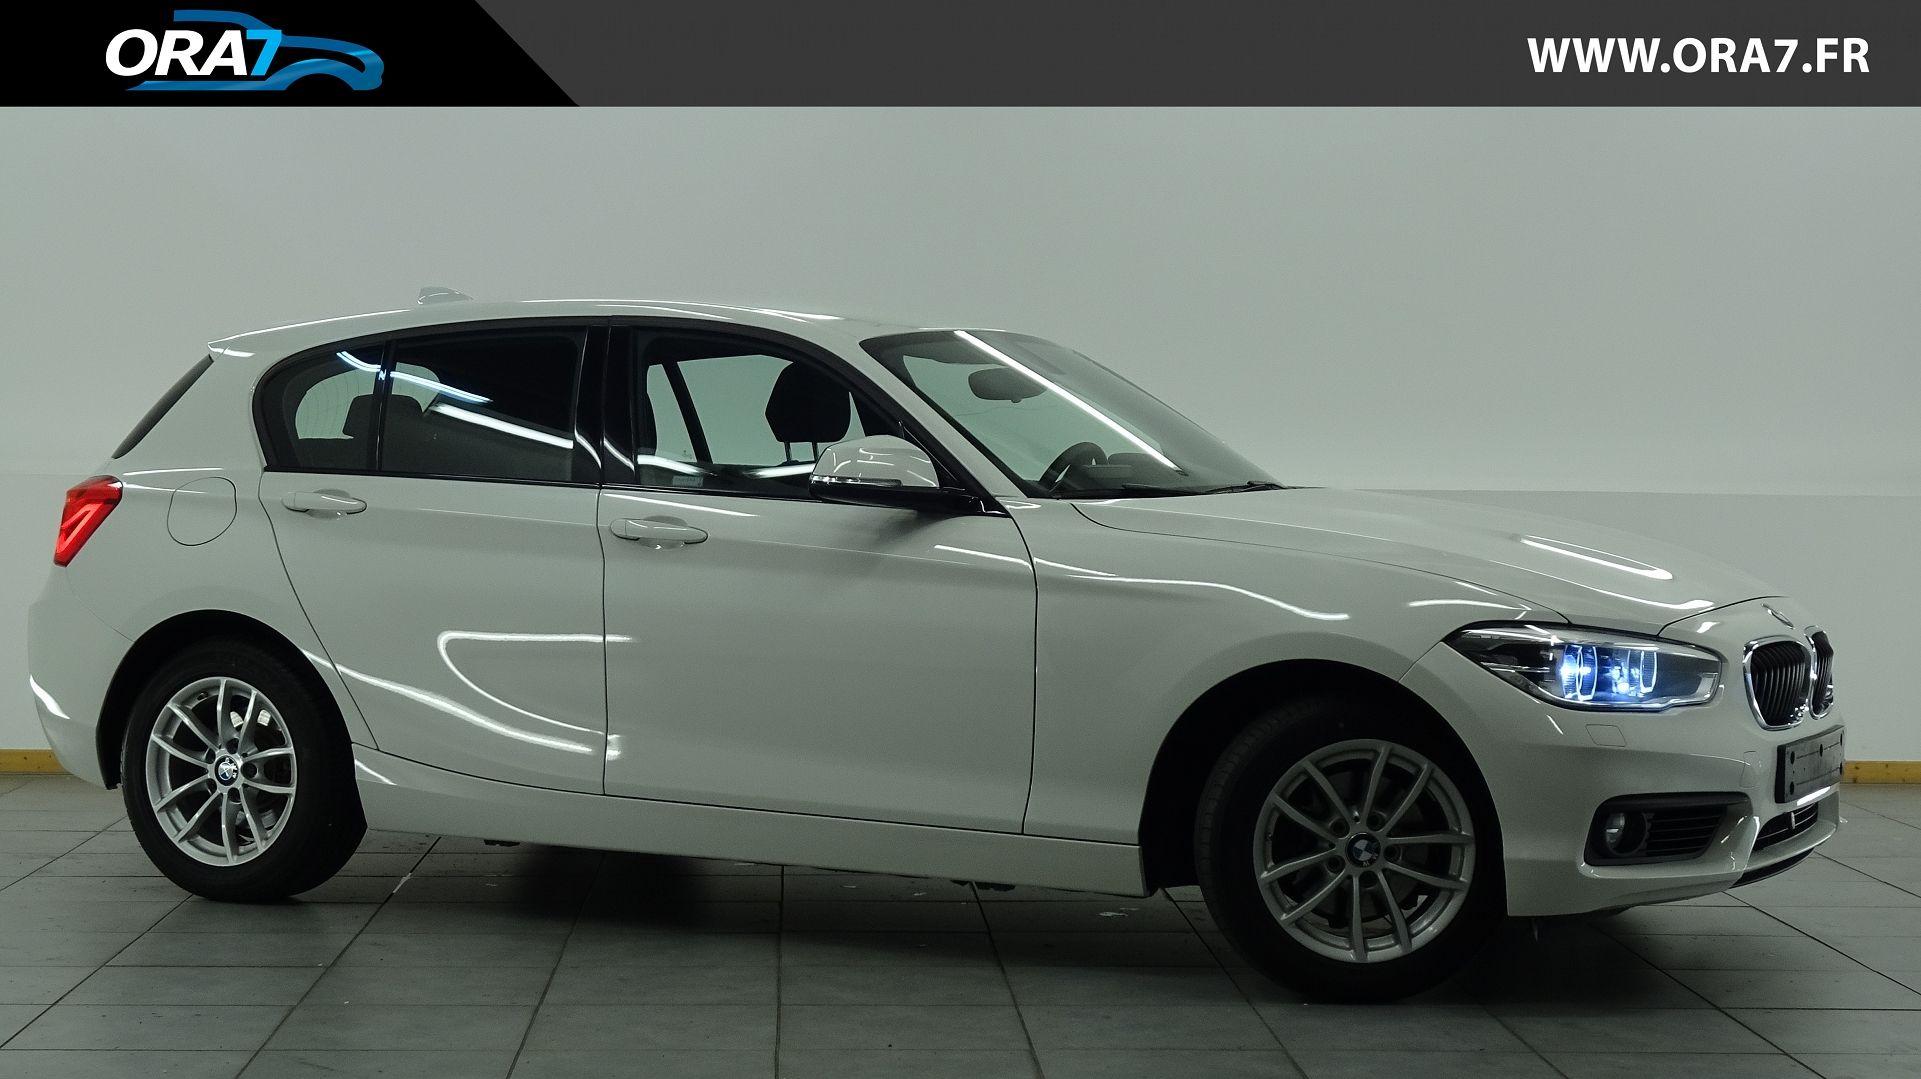 BMW SERIE 1 (F21/F20) 118D XDRIVE 150CH EXECUTIVE 5P d'occasion dans votre centre ORA7